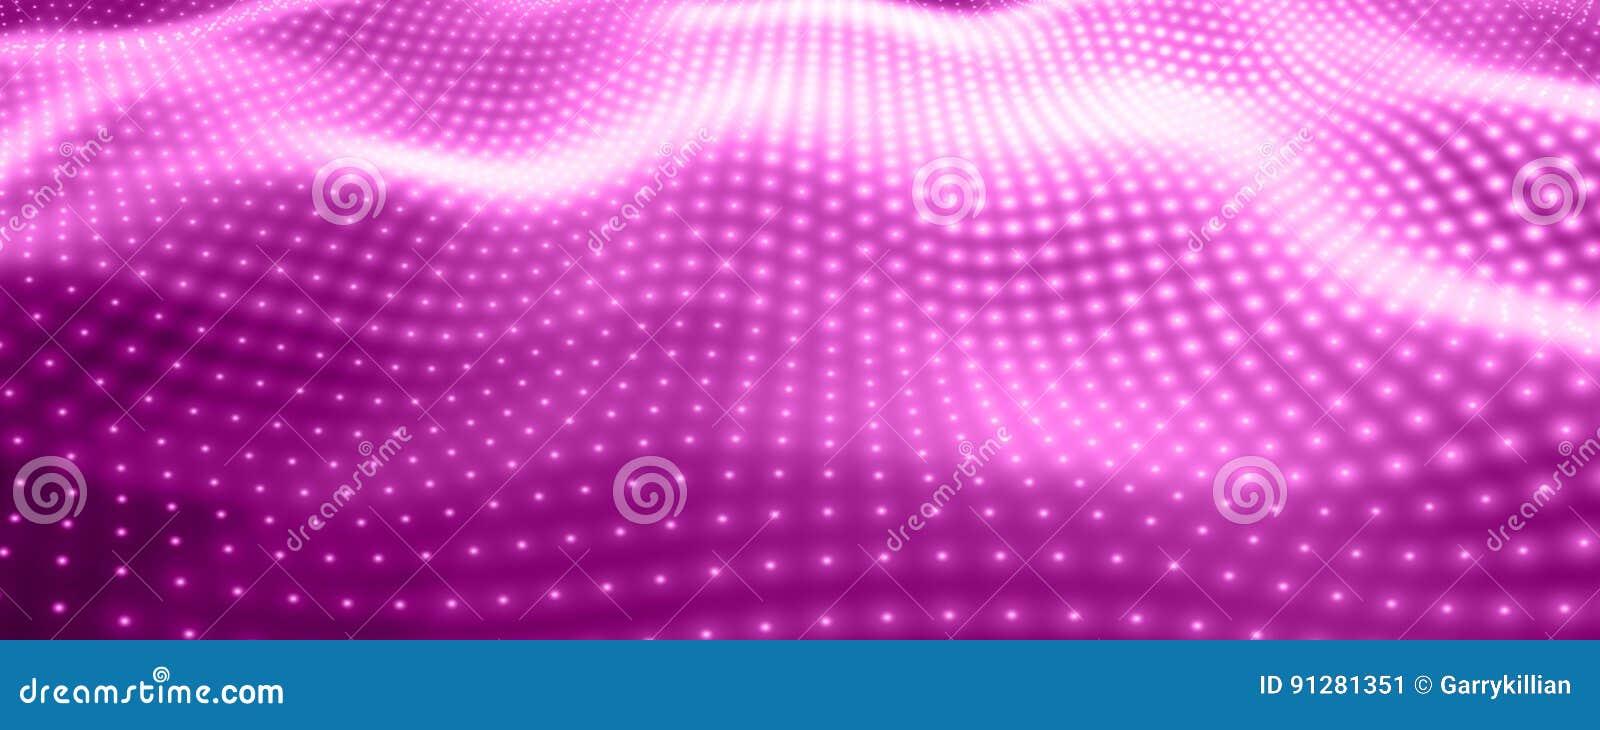 Abstrakt vektorbakgrund med violetta neonljus som bildar krabb yttersida Flöde för neoncyberyttersida